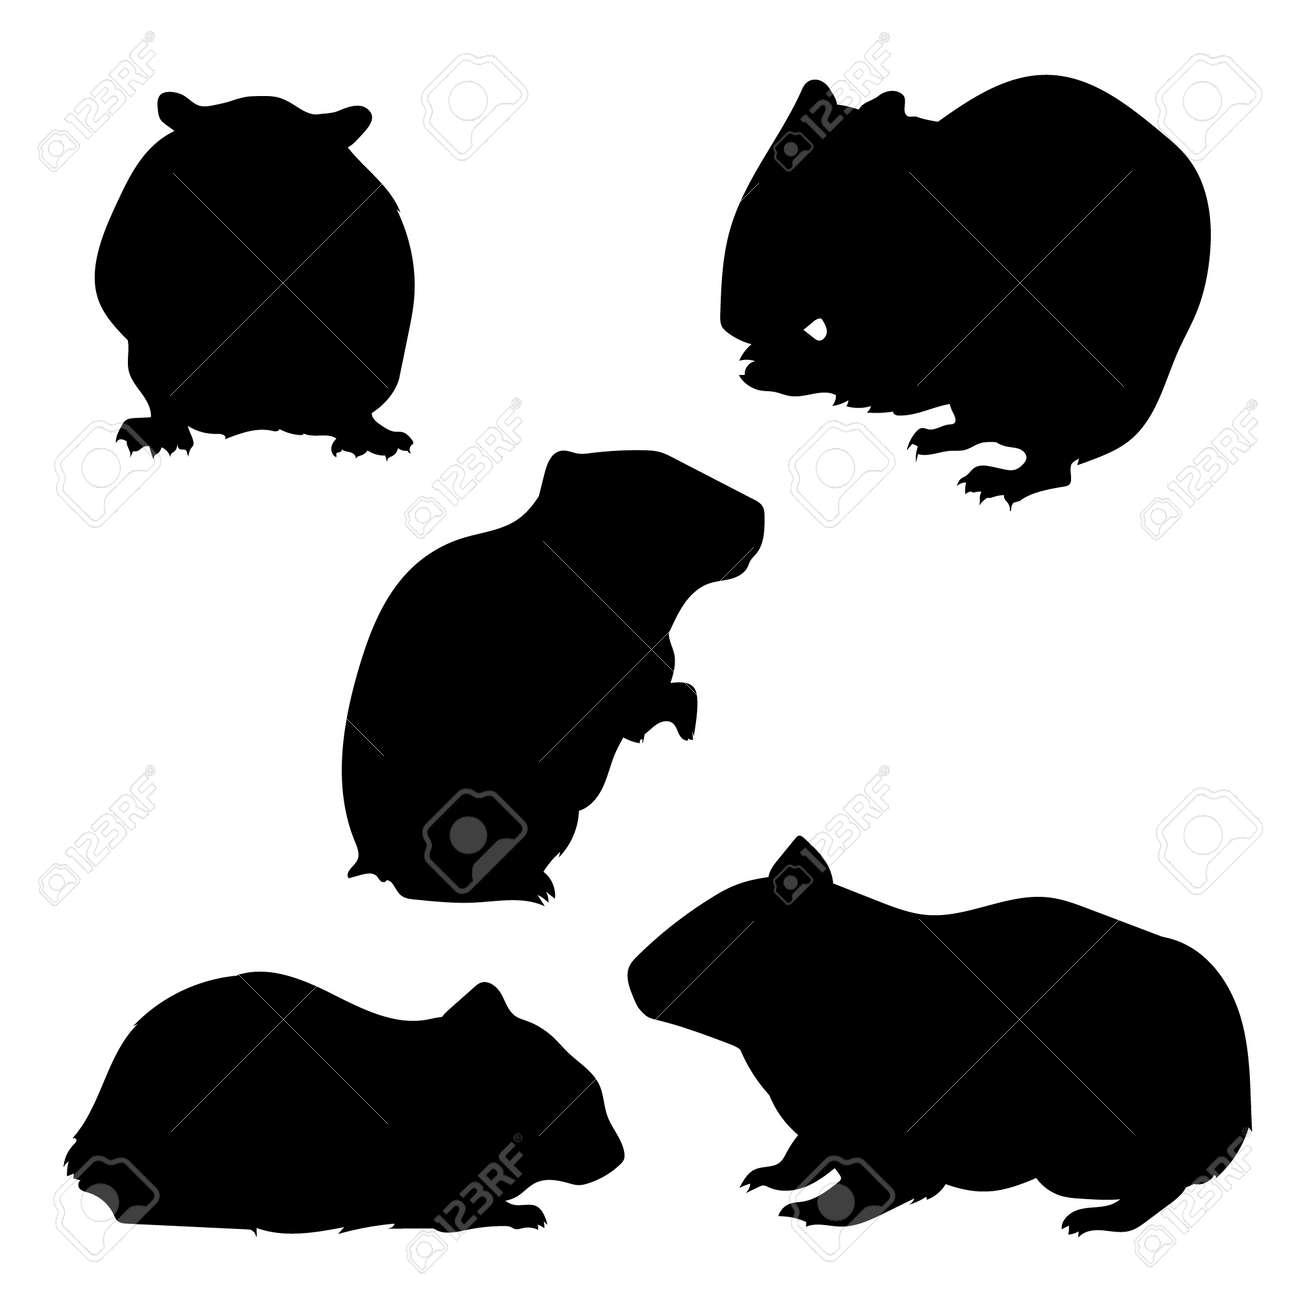 ハムスター セット シルエット、ベクター。動物アイコンのコレクション